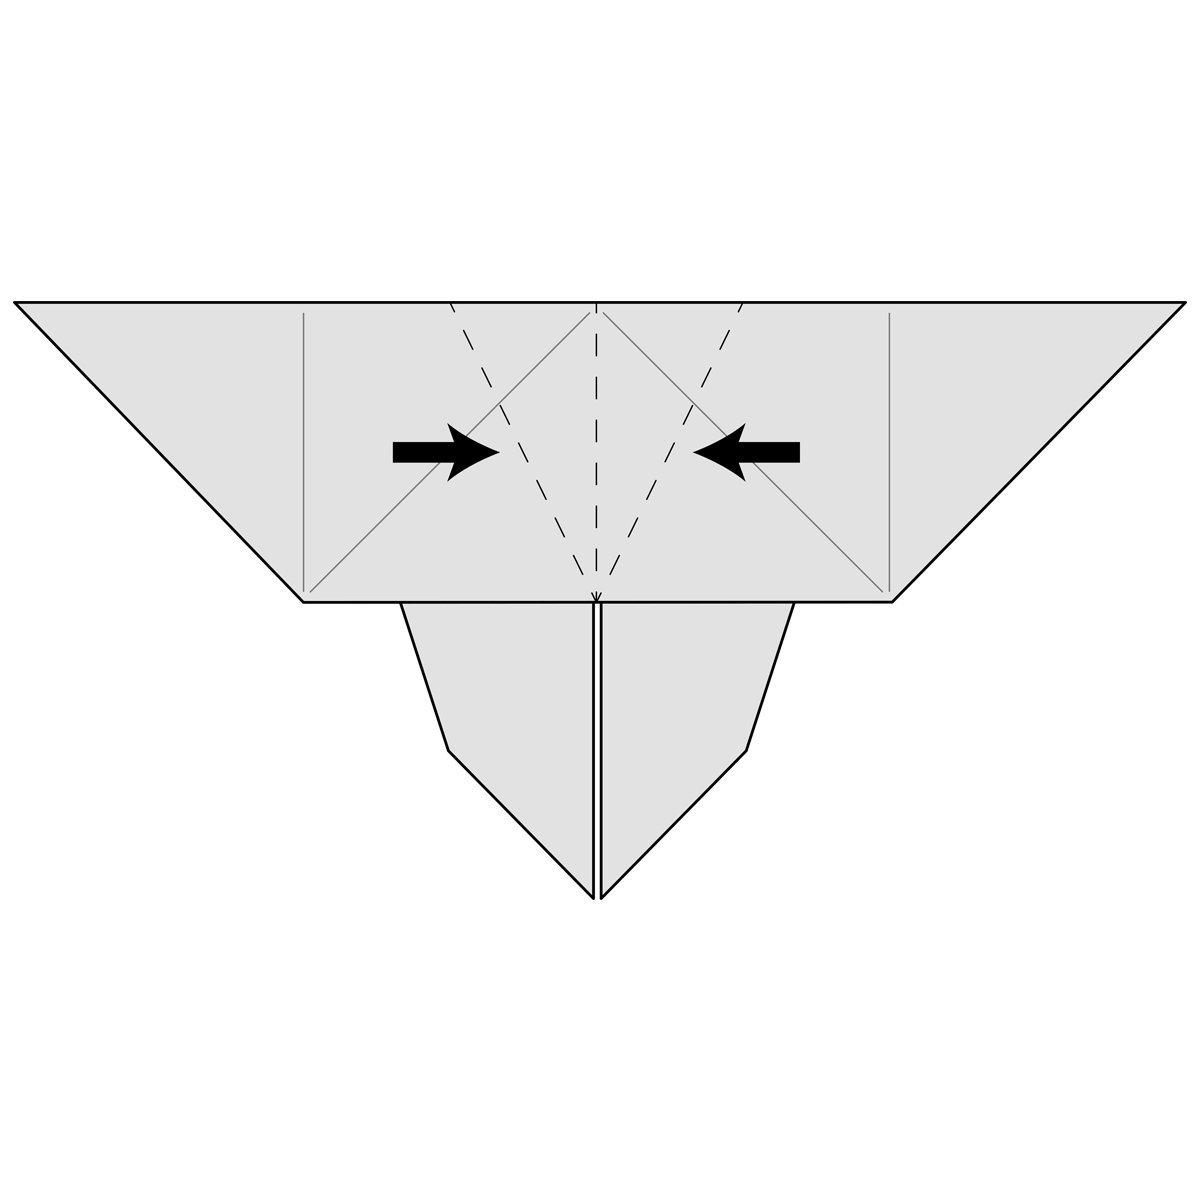 Bug Origami: Butterfly | Origami butterfly, Origami butterfly ... | 1200x1200